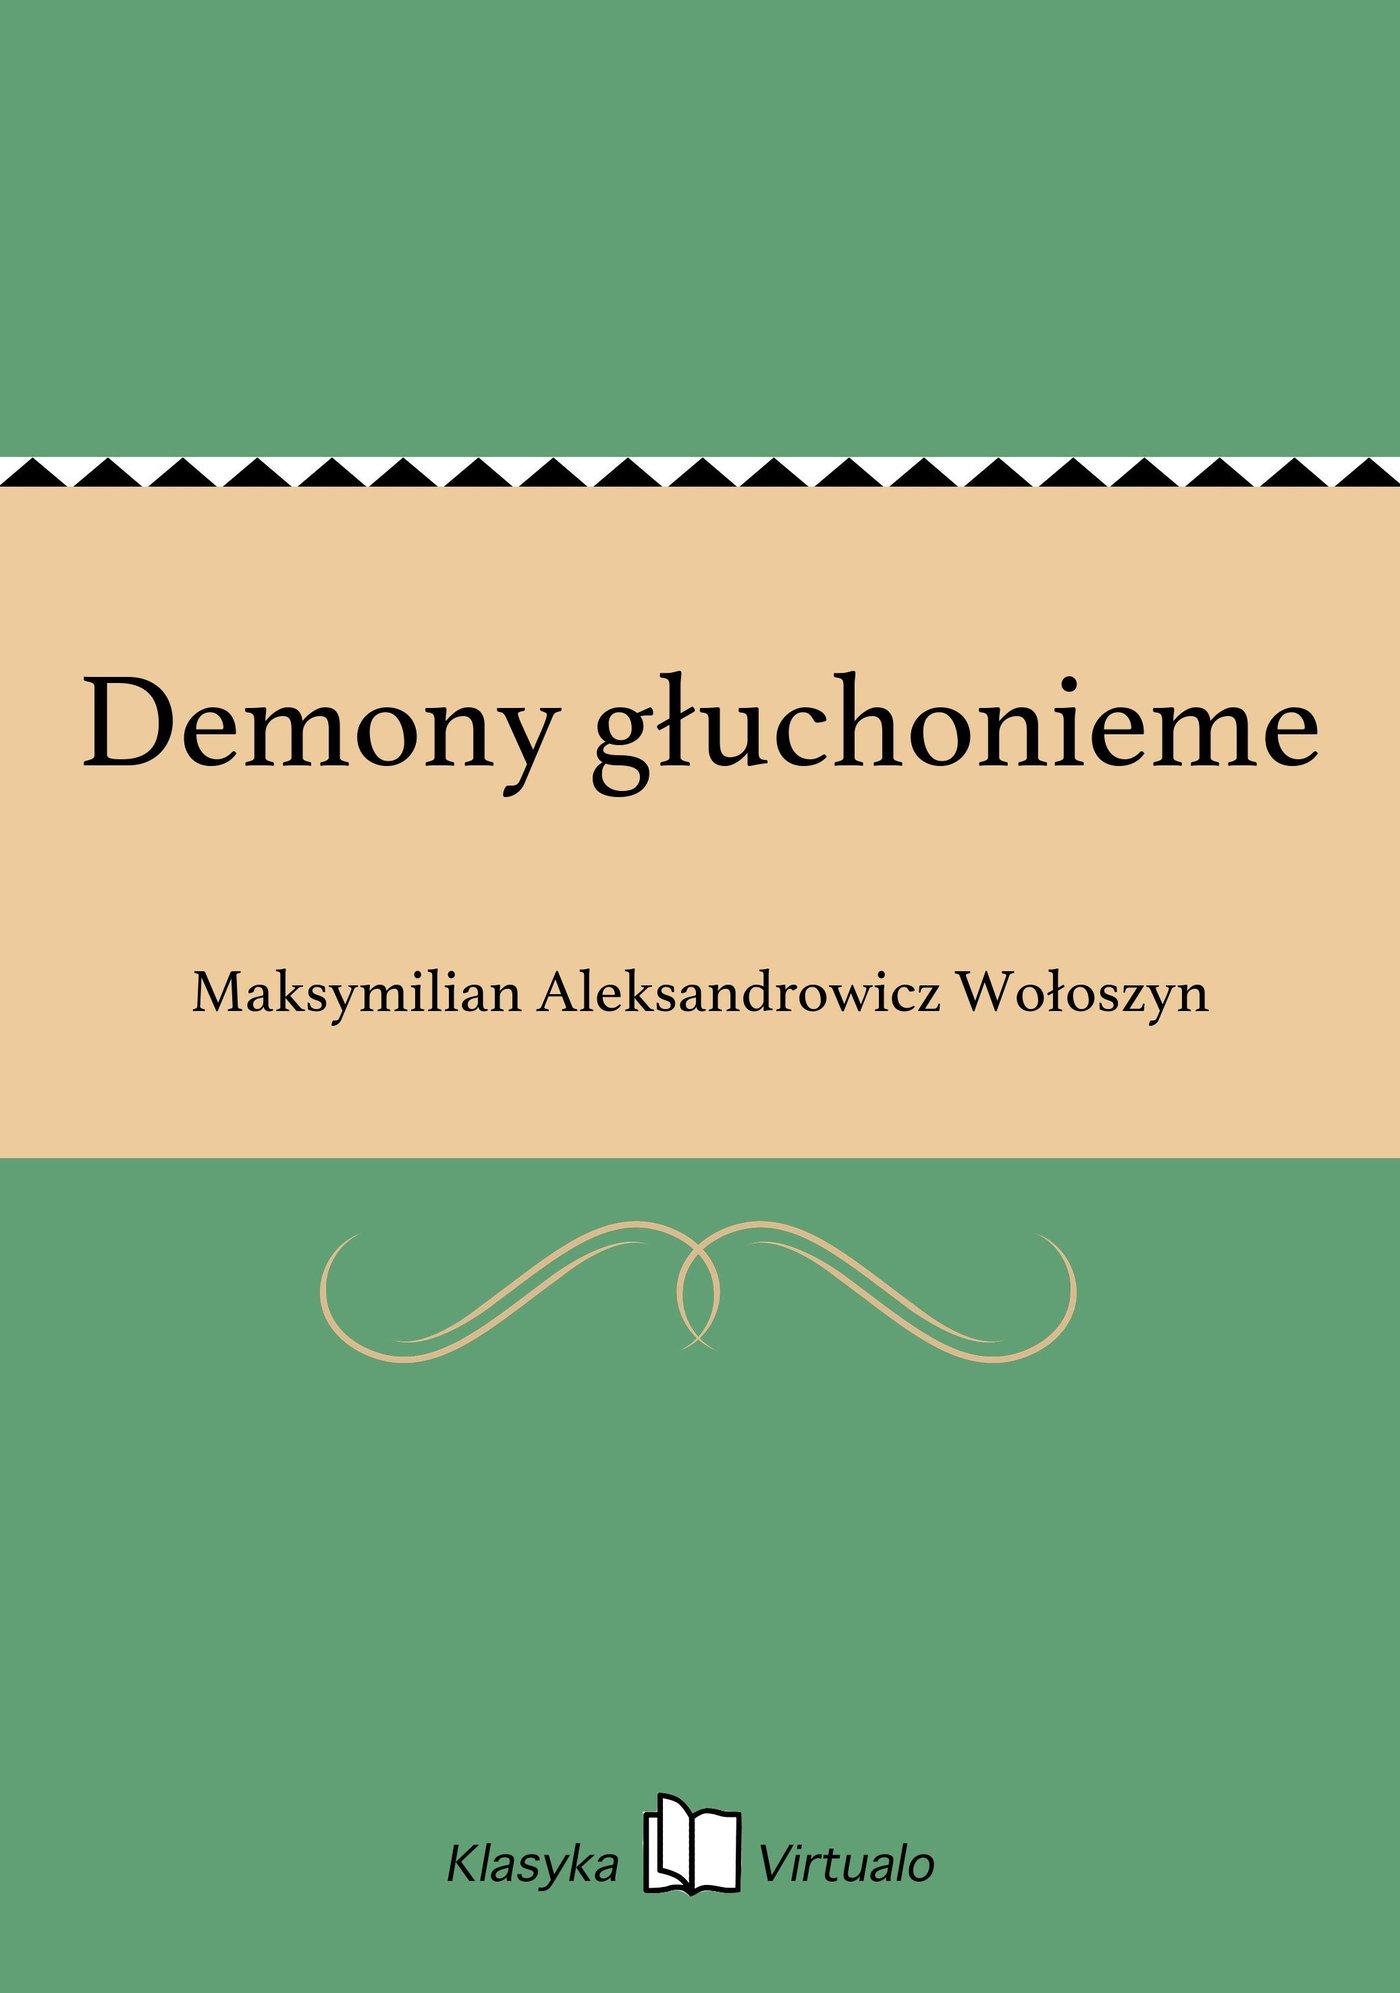 Demony głuchonieme - Ebook (Książka EPUB) do pobrania w formacie EPUB